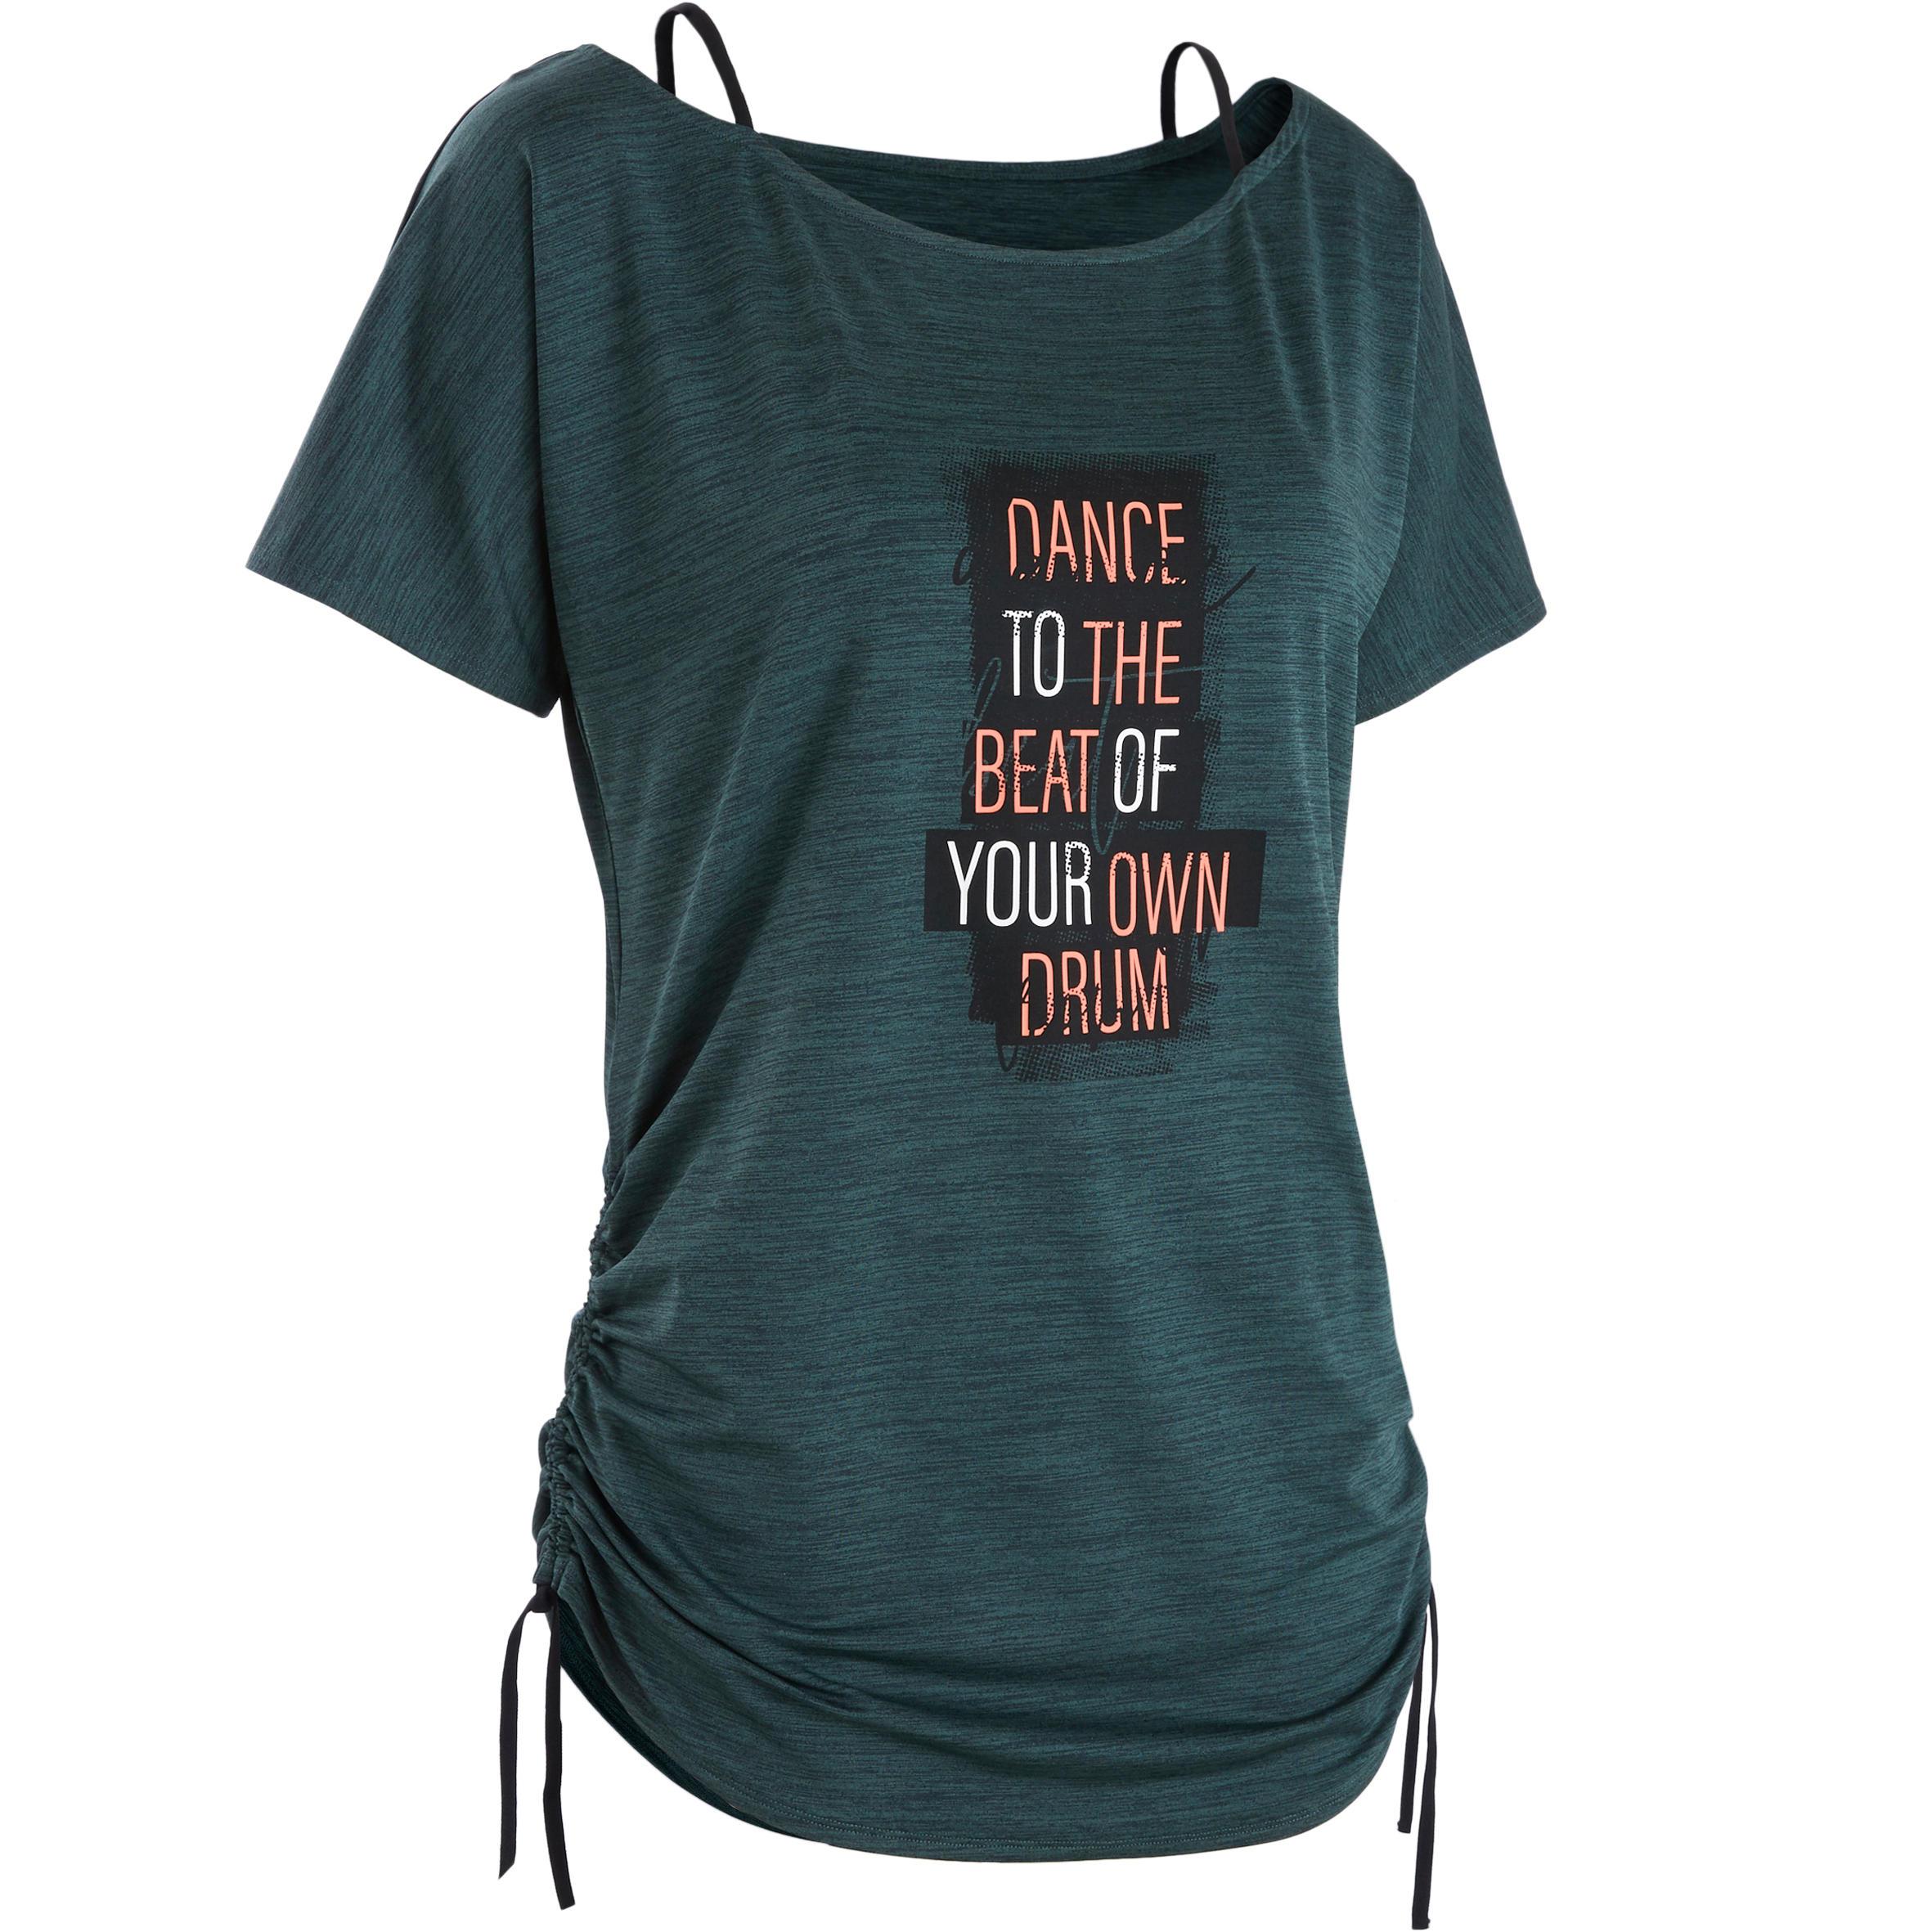 Tanz-Shirt Fitness Dance Damen anpassbar | Sportbekleidung > Sportshirts > Funktionsshirts | Domyos